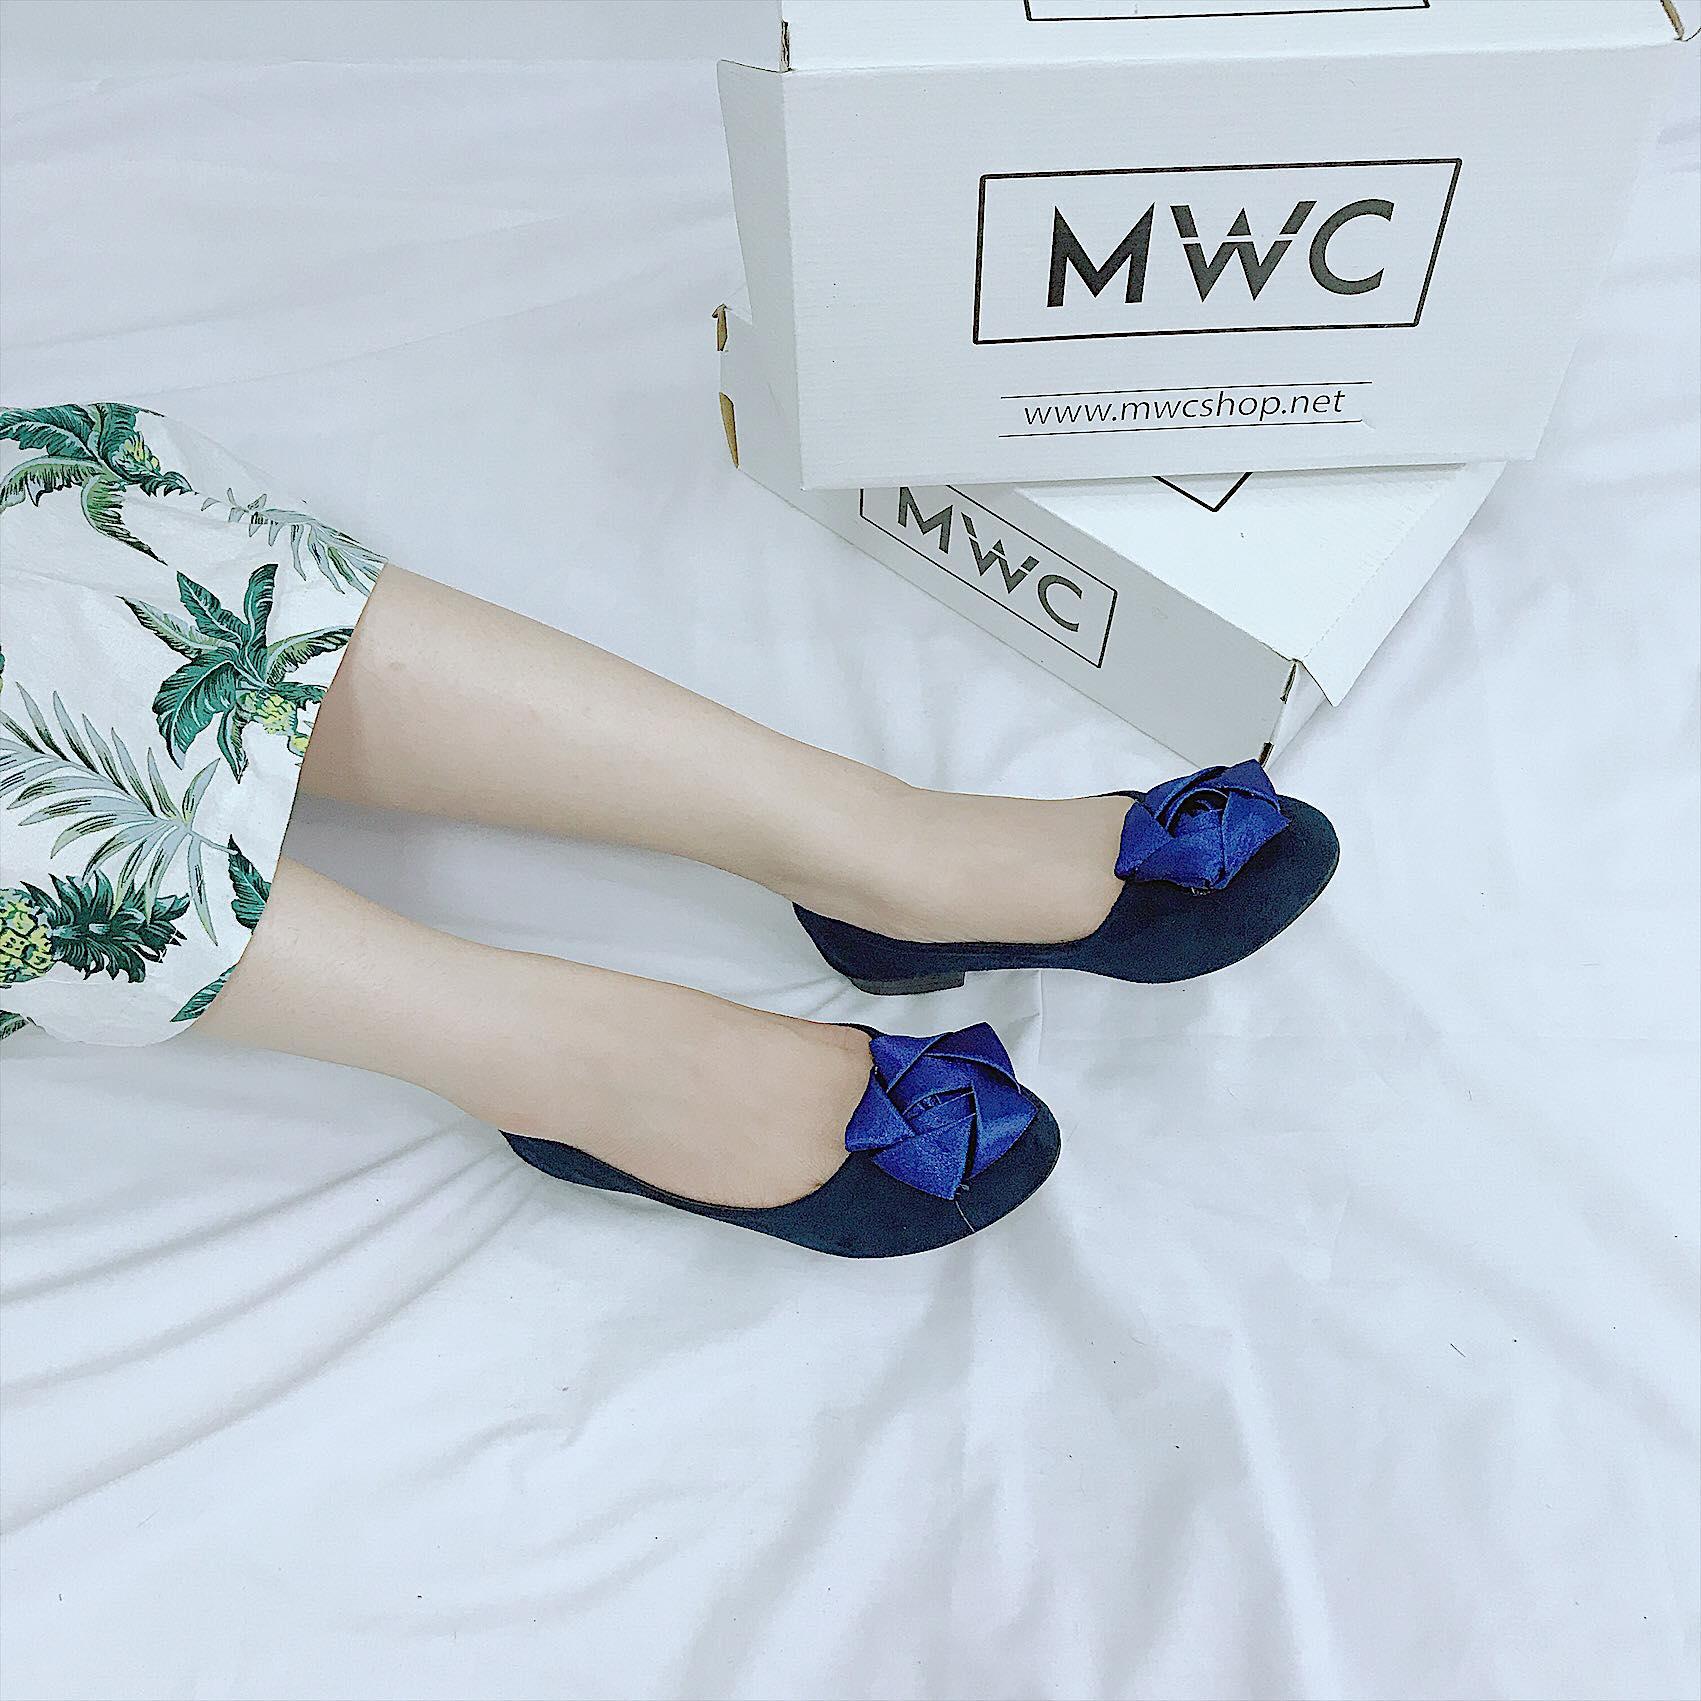 Giày búp bê MWC NUBB- 2010